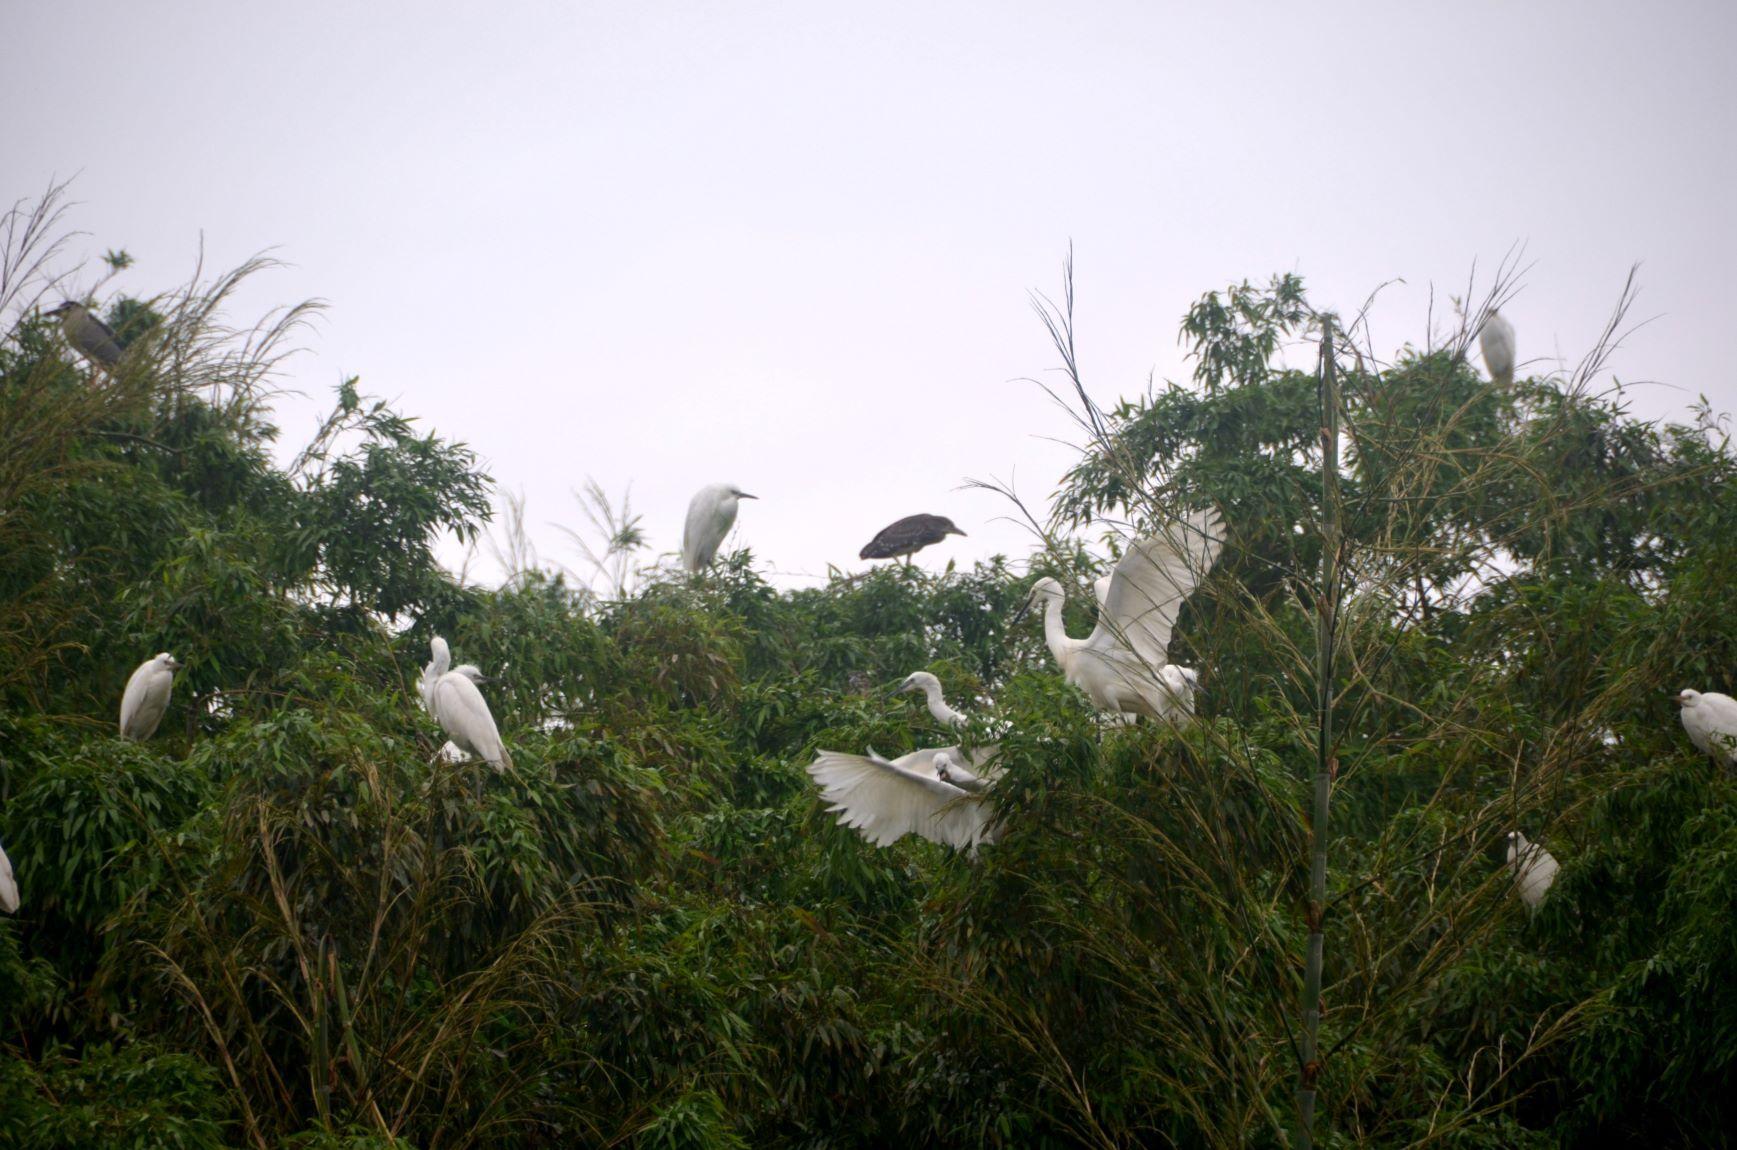 南京市高淳区桠溪街道:成群白鹭栖息乡村竹林场景壮观